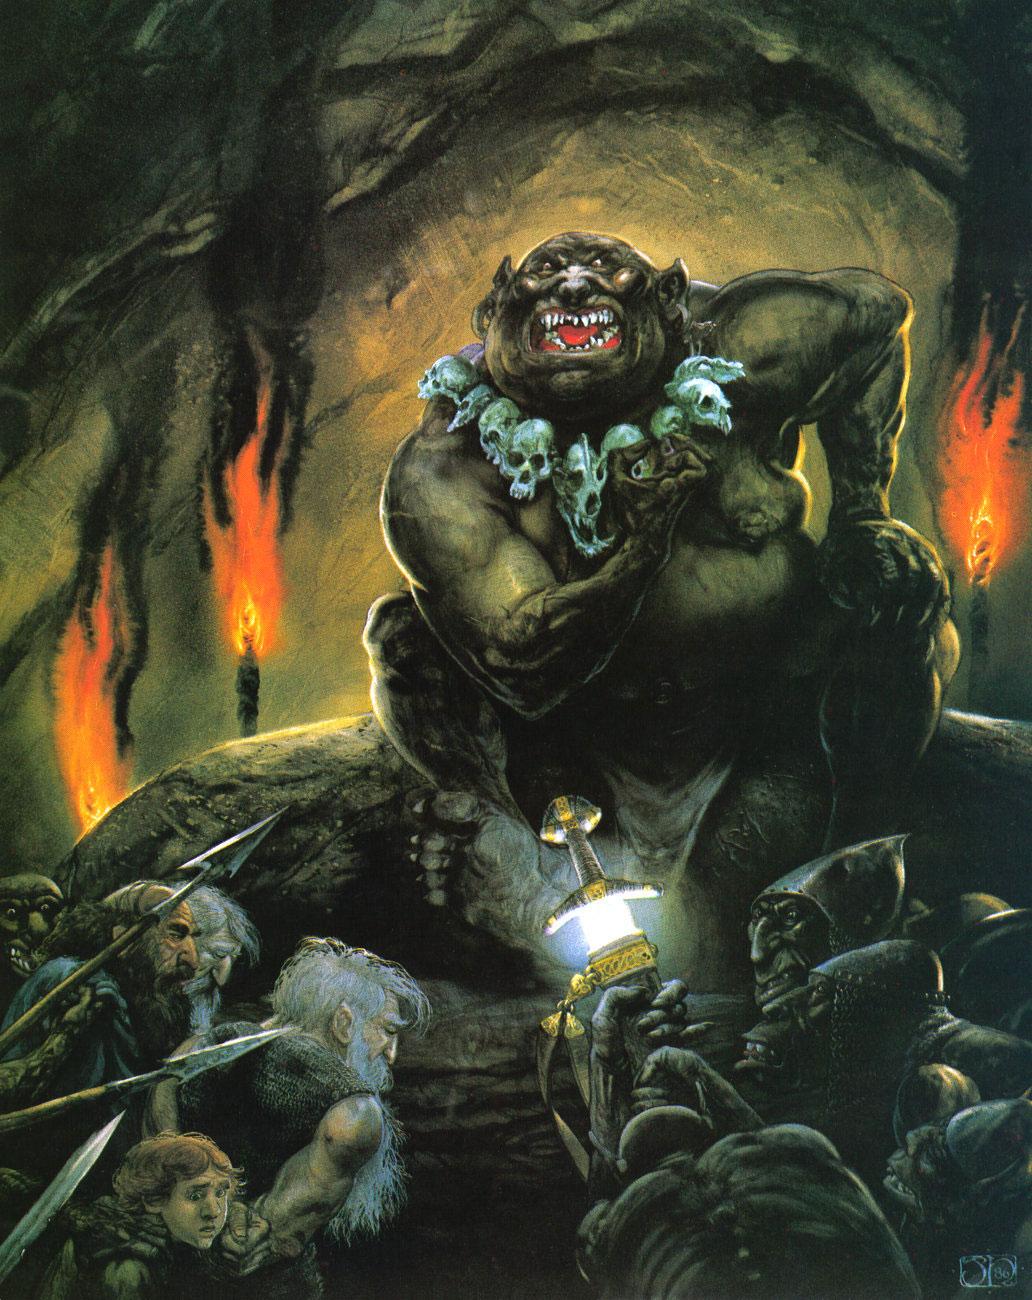 Elf goblin sex movies